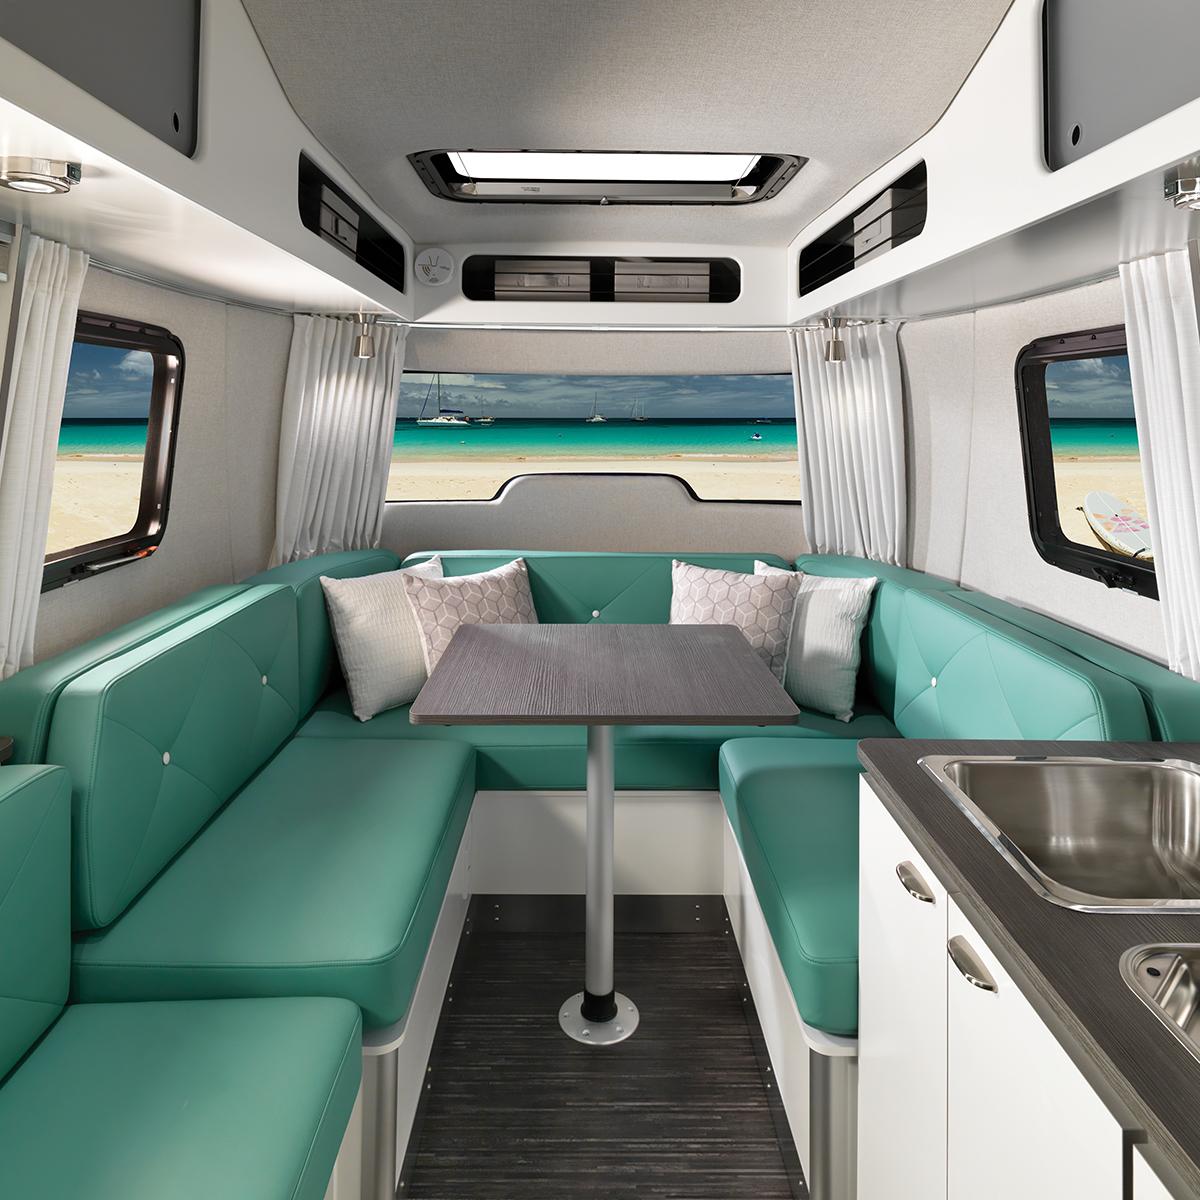 Airstream Nest Clutch Blue 2020